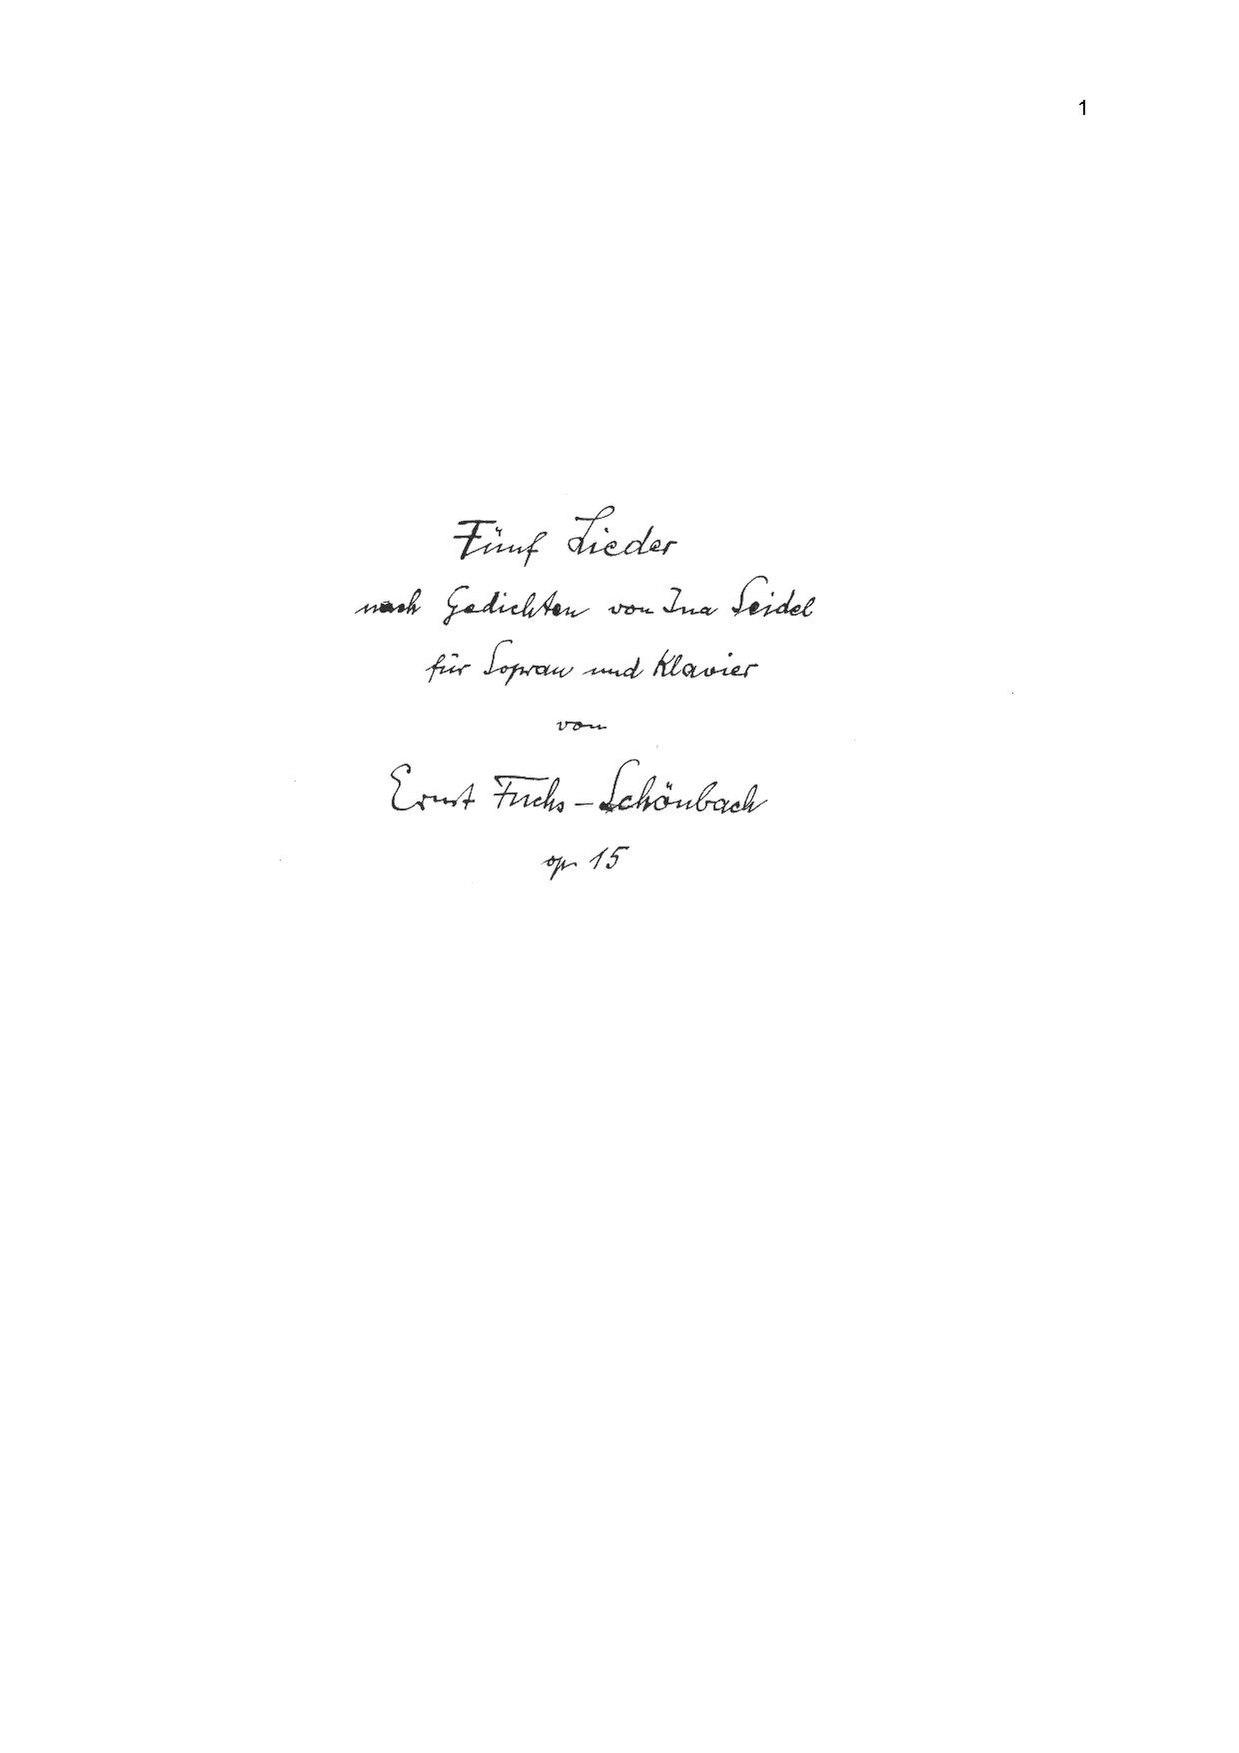 Dateiernst Fuchs Schoenbach Op 15 Fuenf Lieder Nach Gedichten